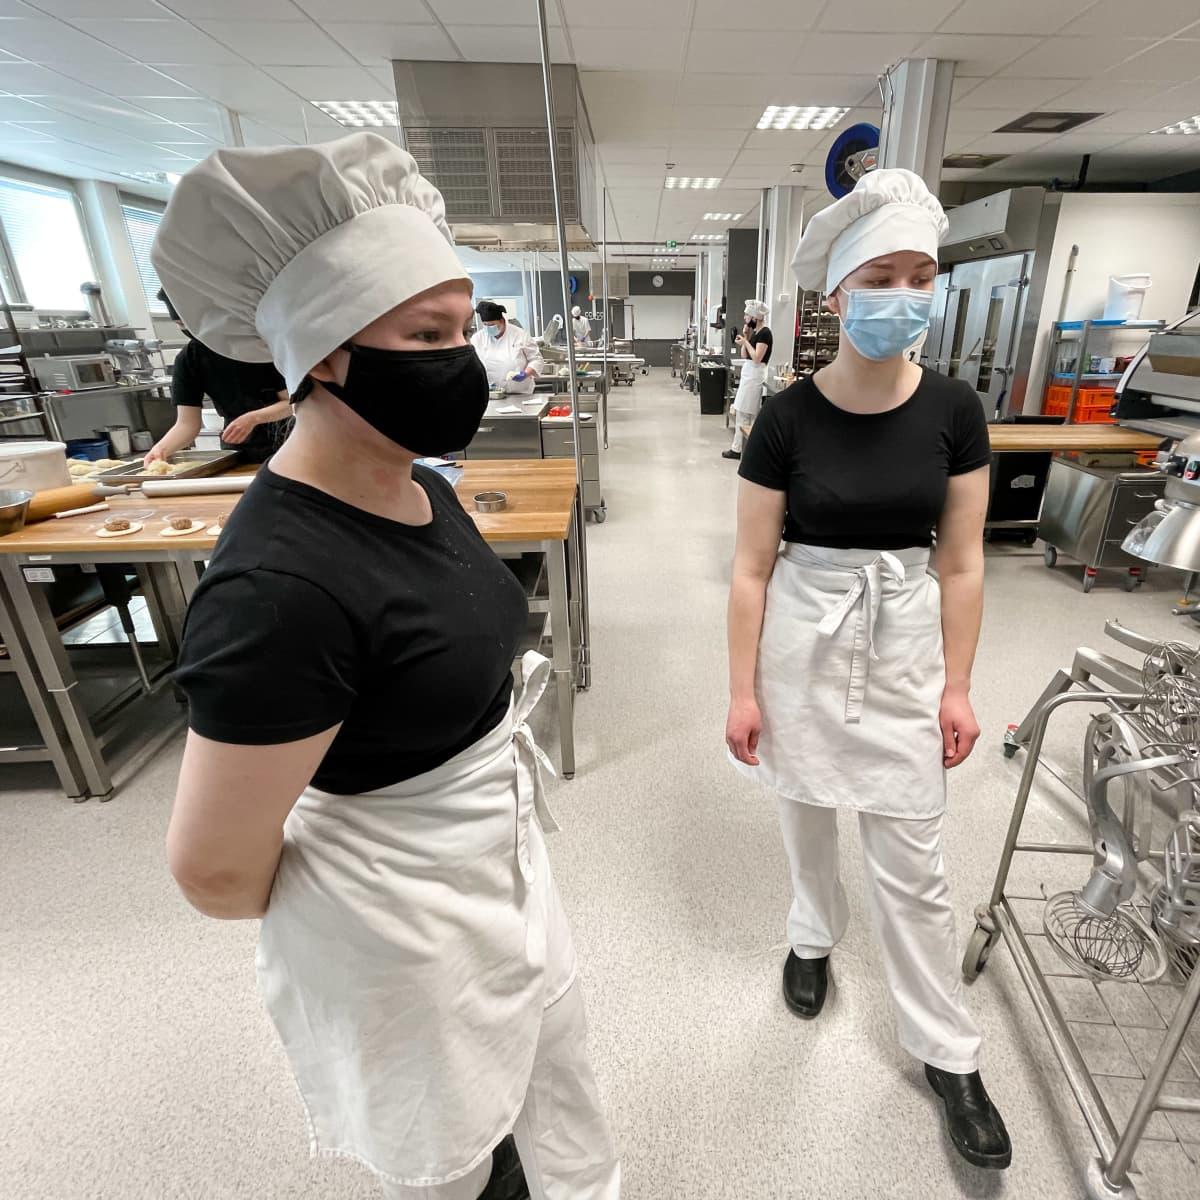 Leipomoalan opiskelijat Nea Kero ja Viivi Kallio Saimaan ammattiopisto Sampon keittiössä.